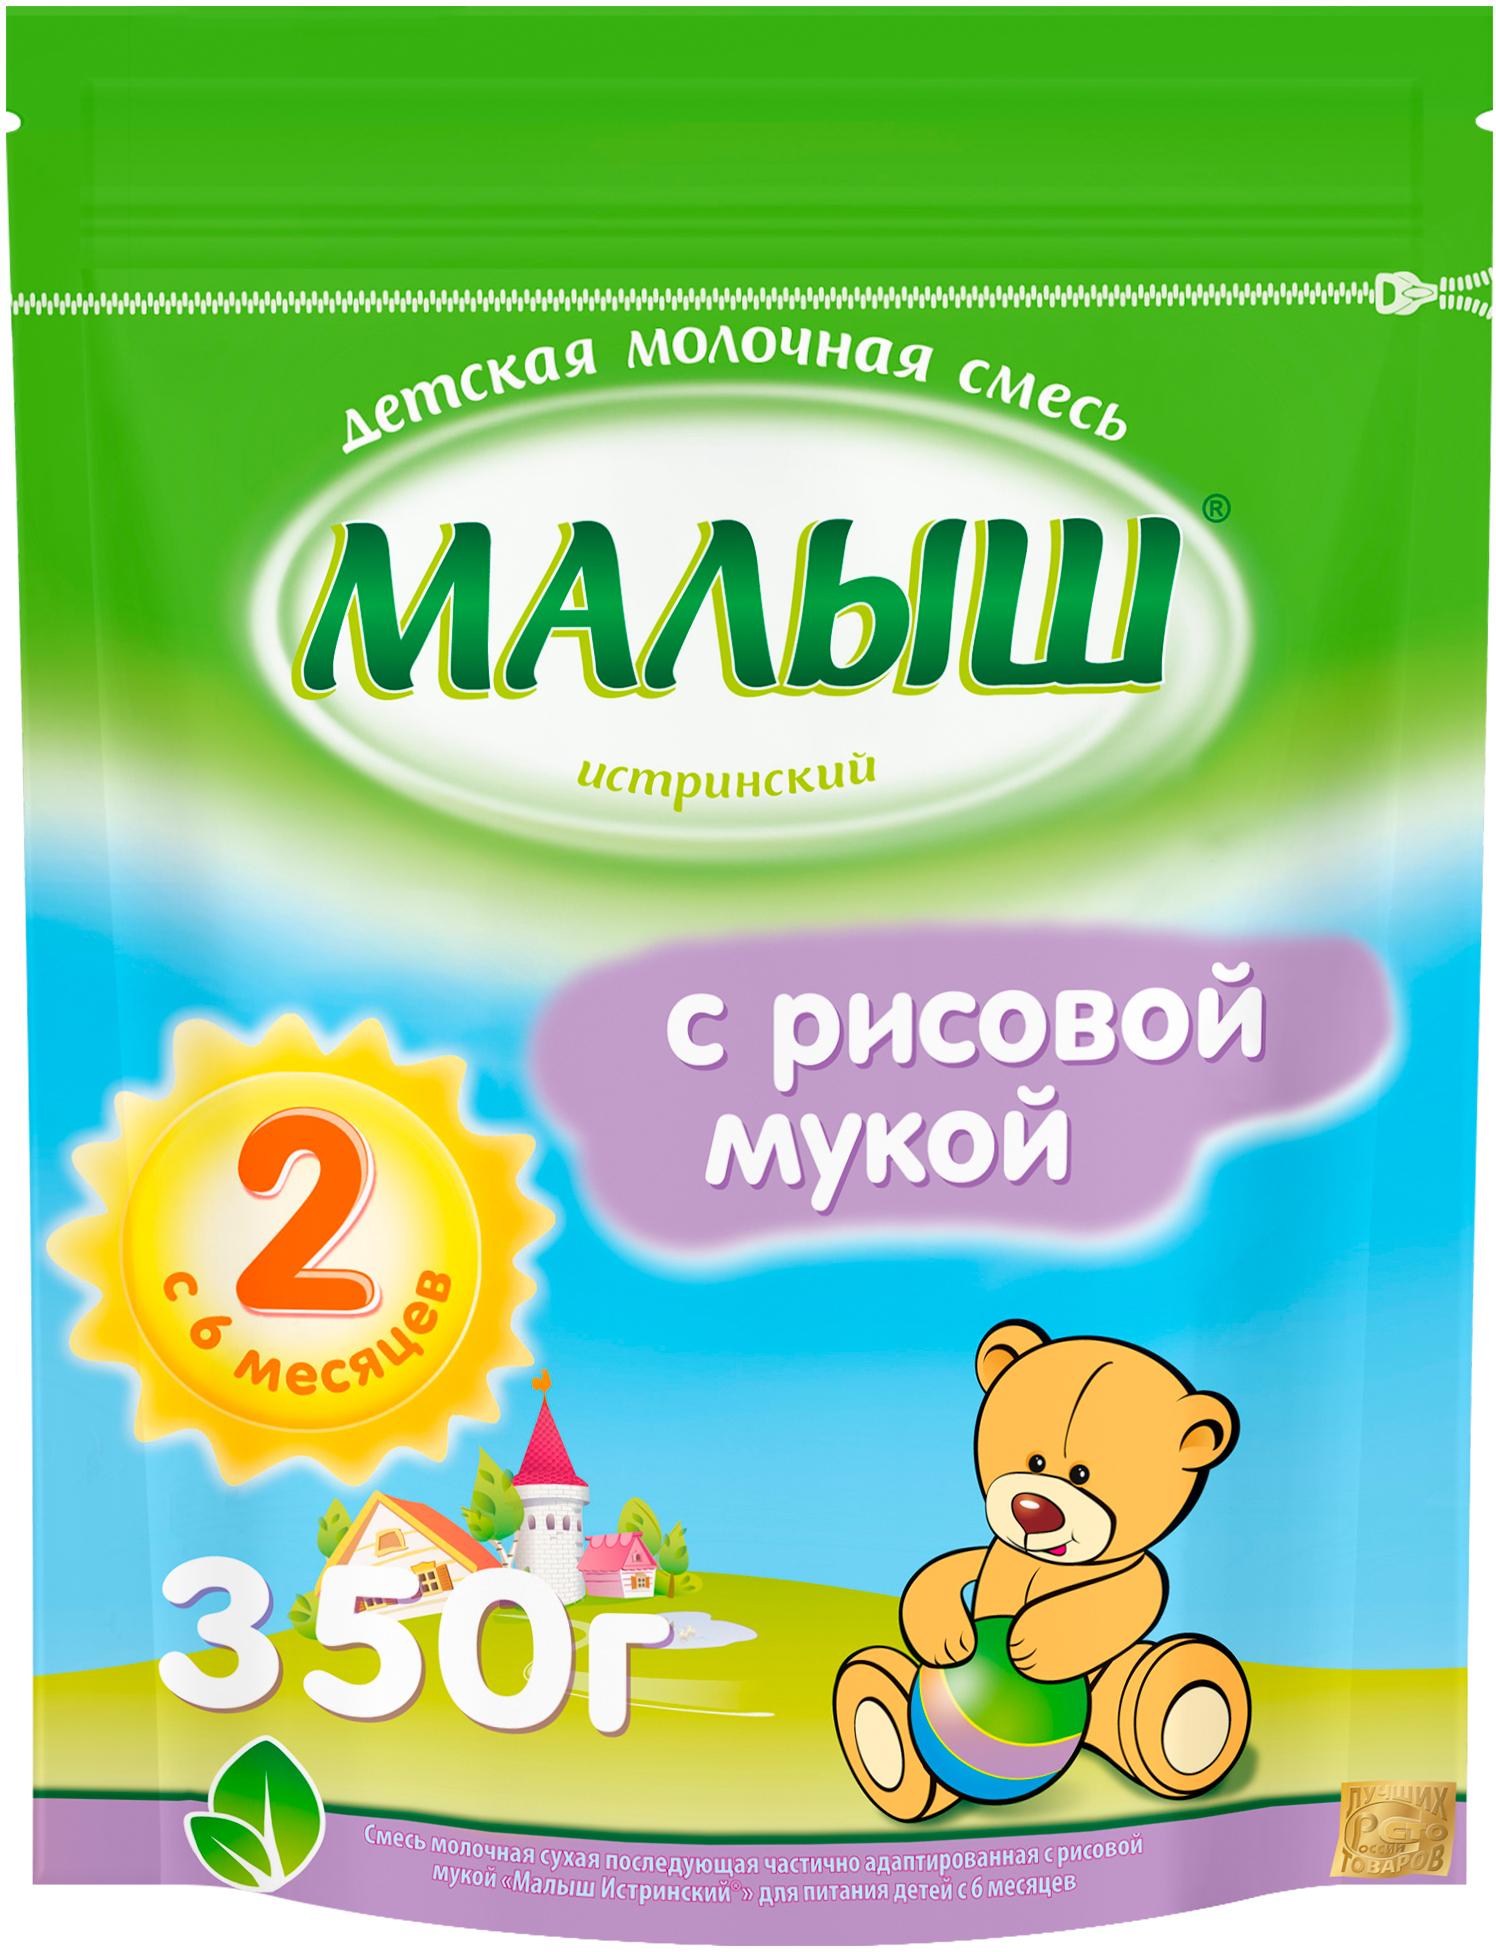 Молочная смесь Nutricia Малыш Истринский (Nutricia) 2 с рисовой мукой с 6 месяцев 350 г малыш истринский молочная смесь с овсяной мукой с 6 месяцев 350 г